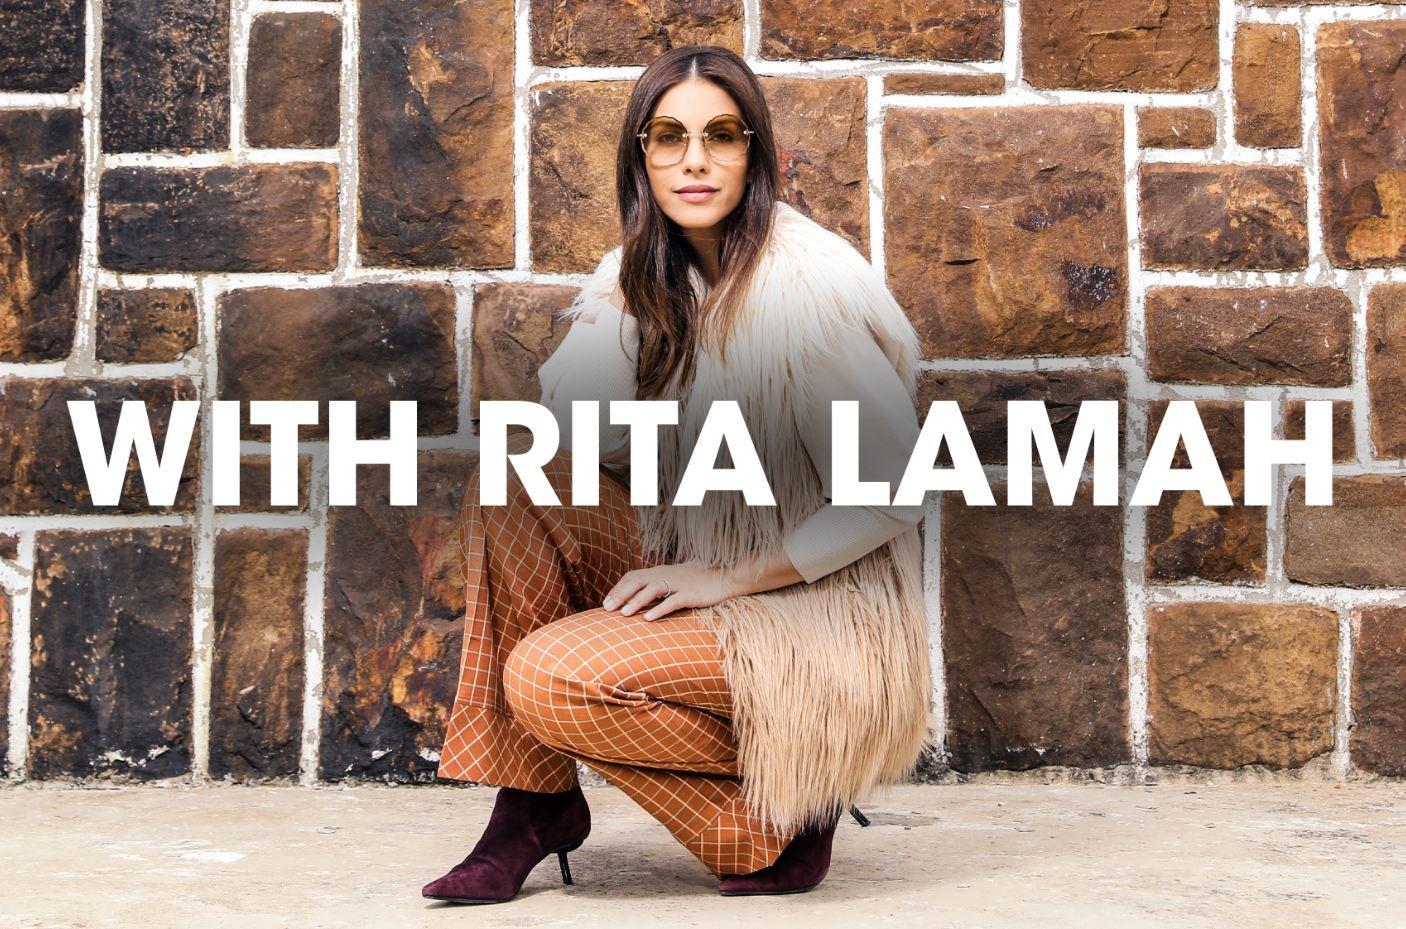 SHE'S STILL RITA FROM THE BLOG - News